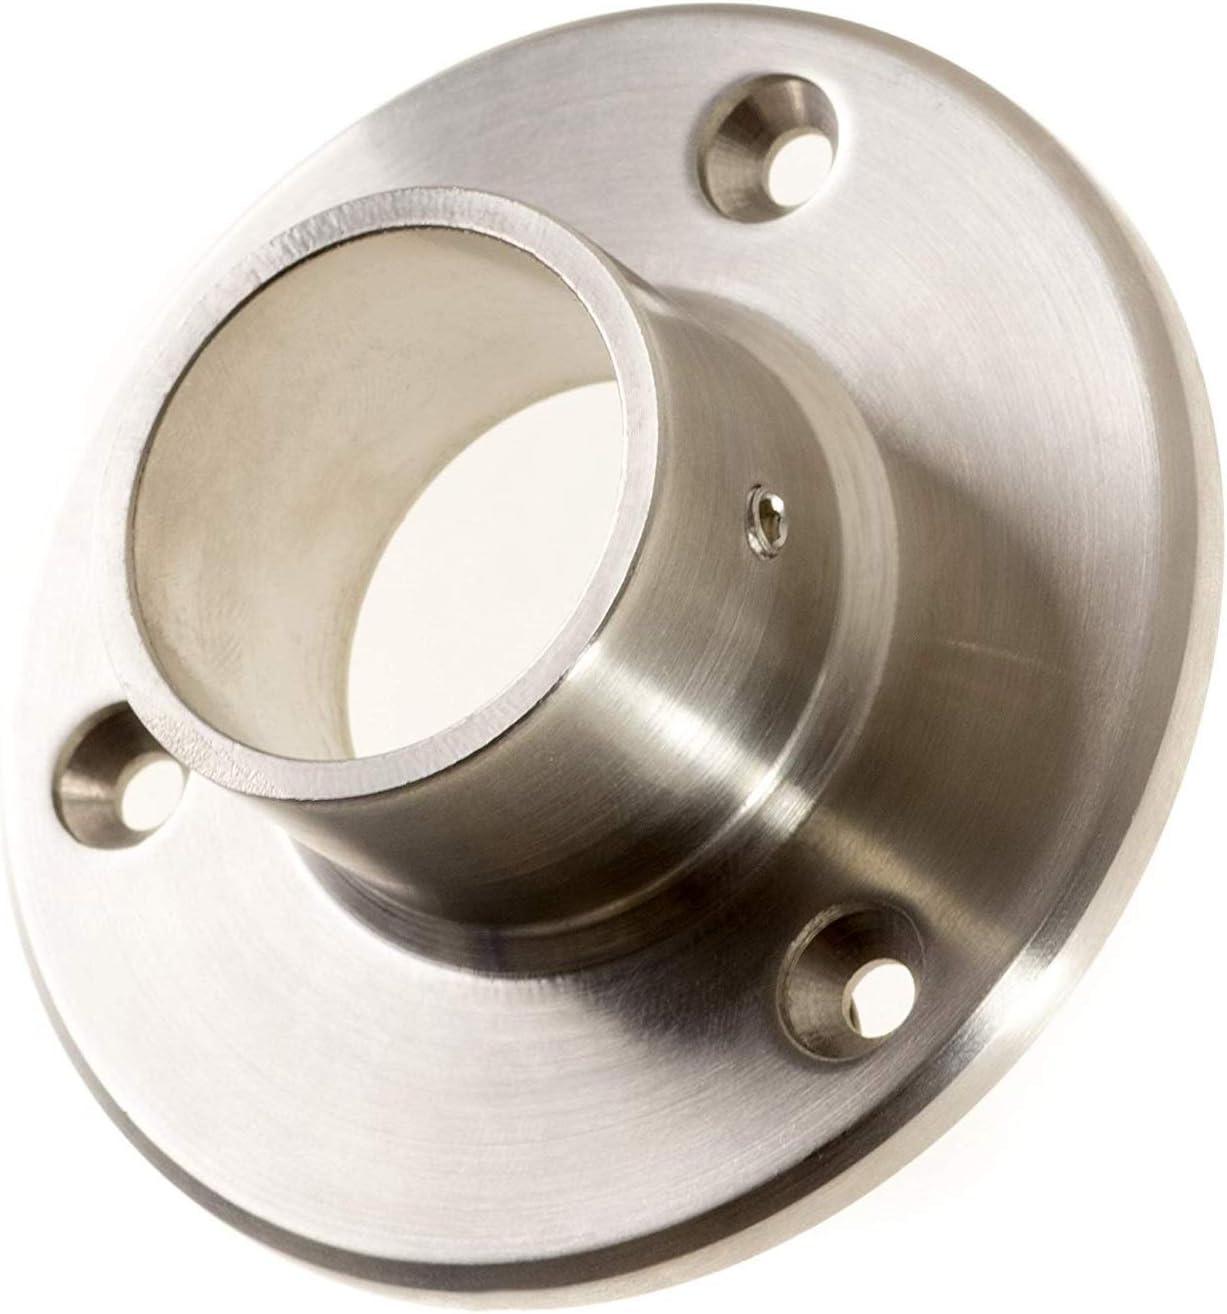 Brida de pared y suelo para tubo redondo de 42,4 mm. Diámetro de la placa: 84,5 mm. Conector de pared de acero inoxidable V2A lijado. 1 pieza.